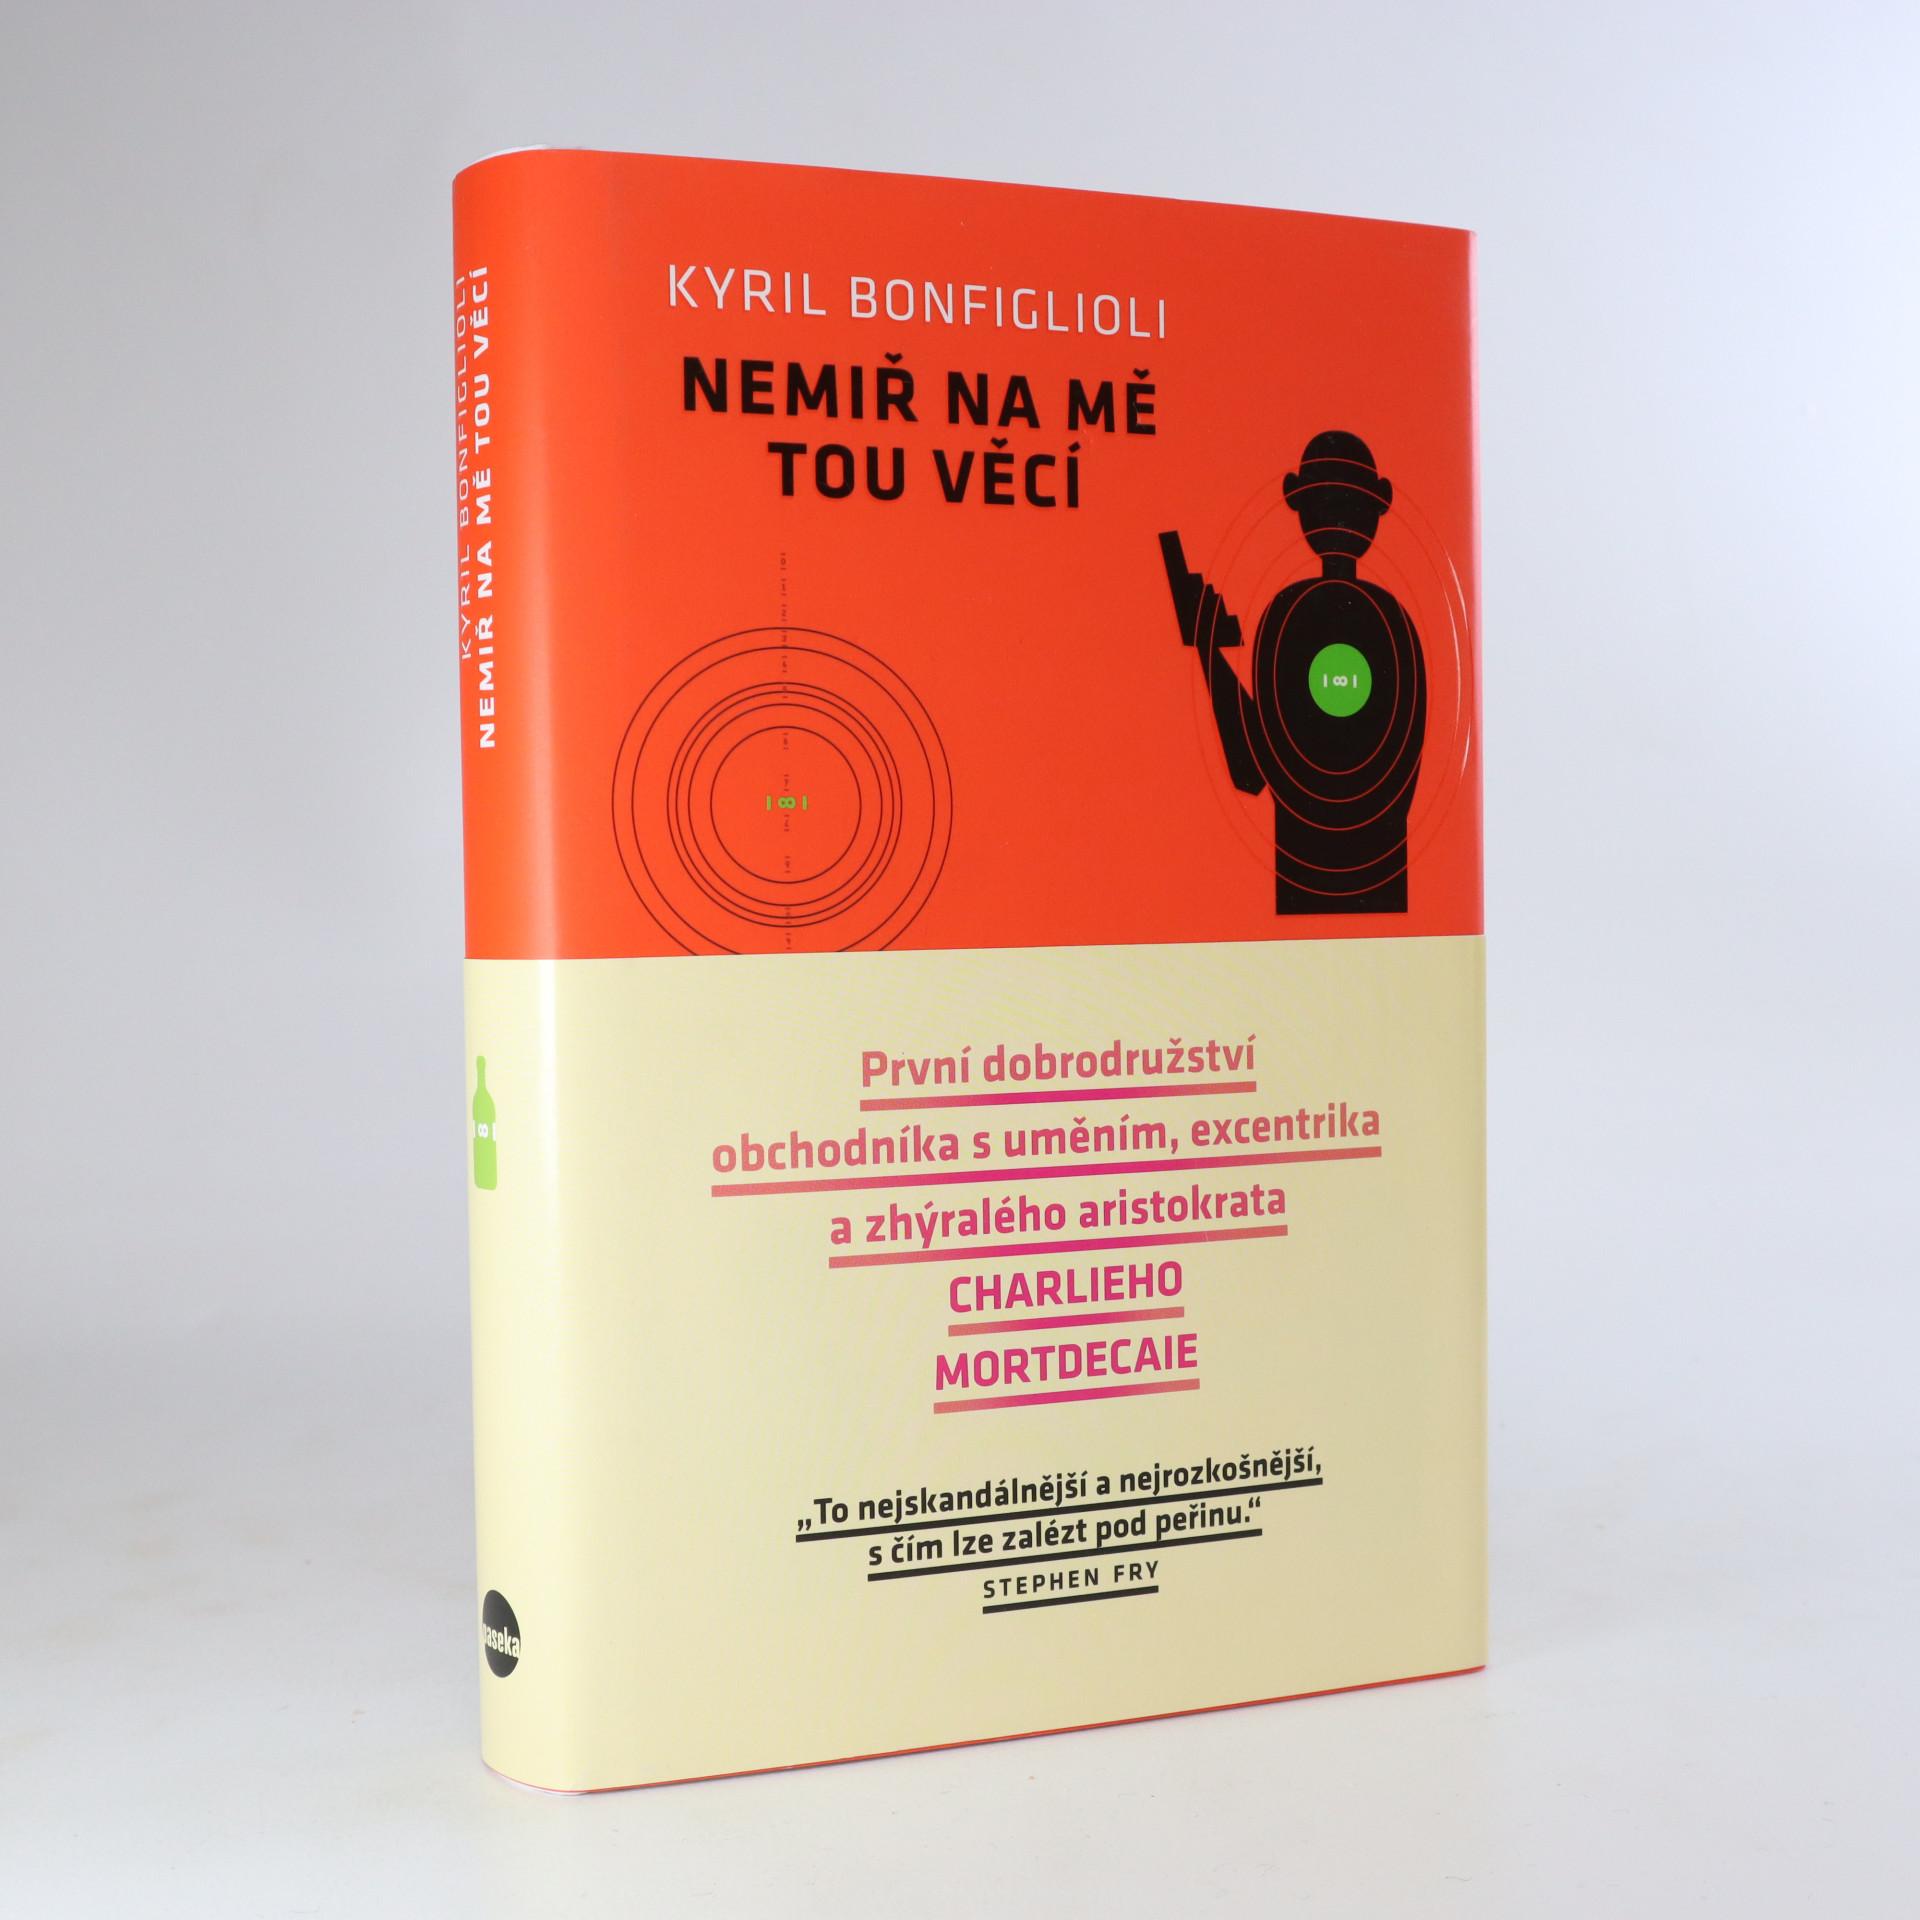 antikvární kniha Nemiř na mě tou věcí, 2015